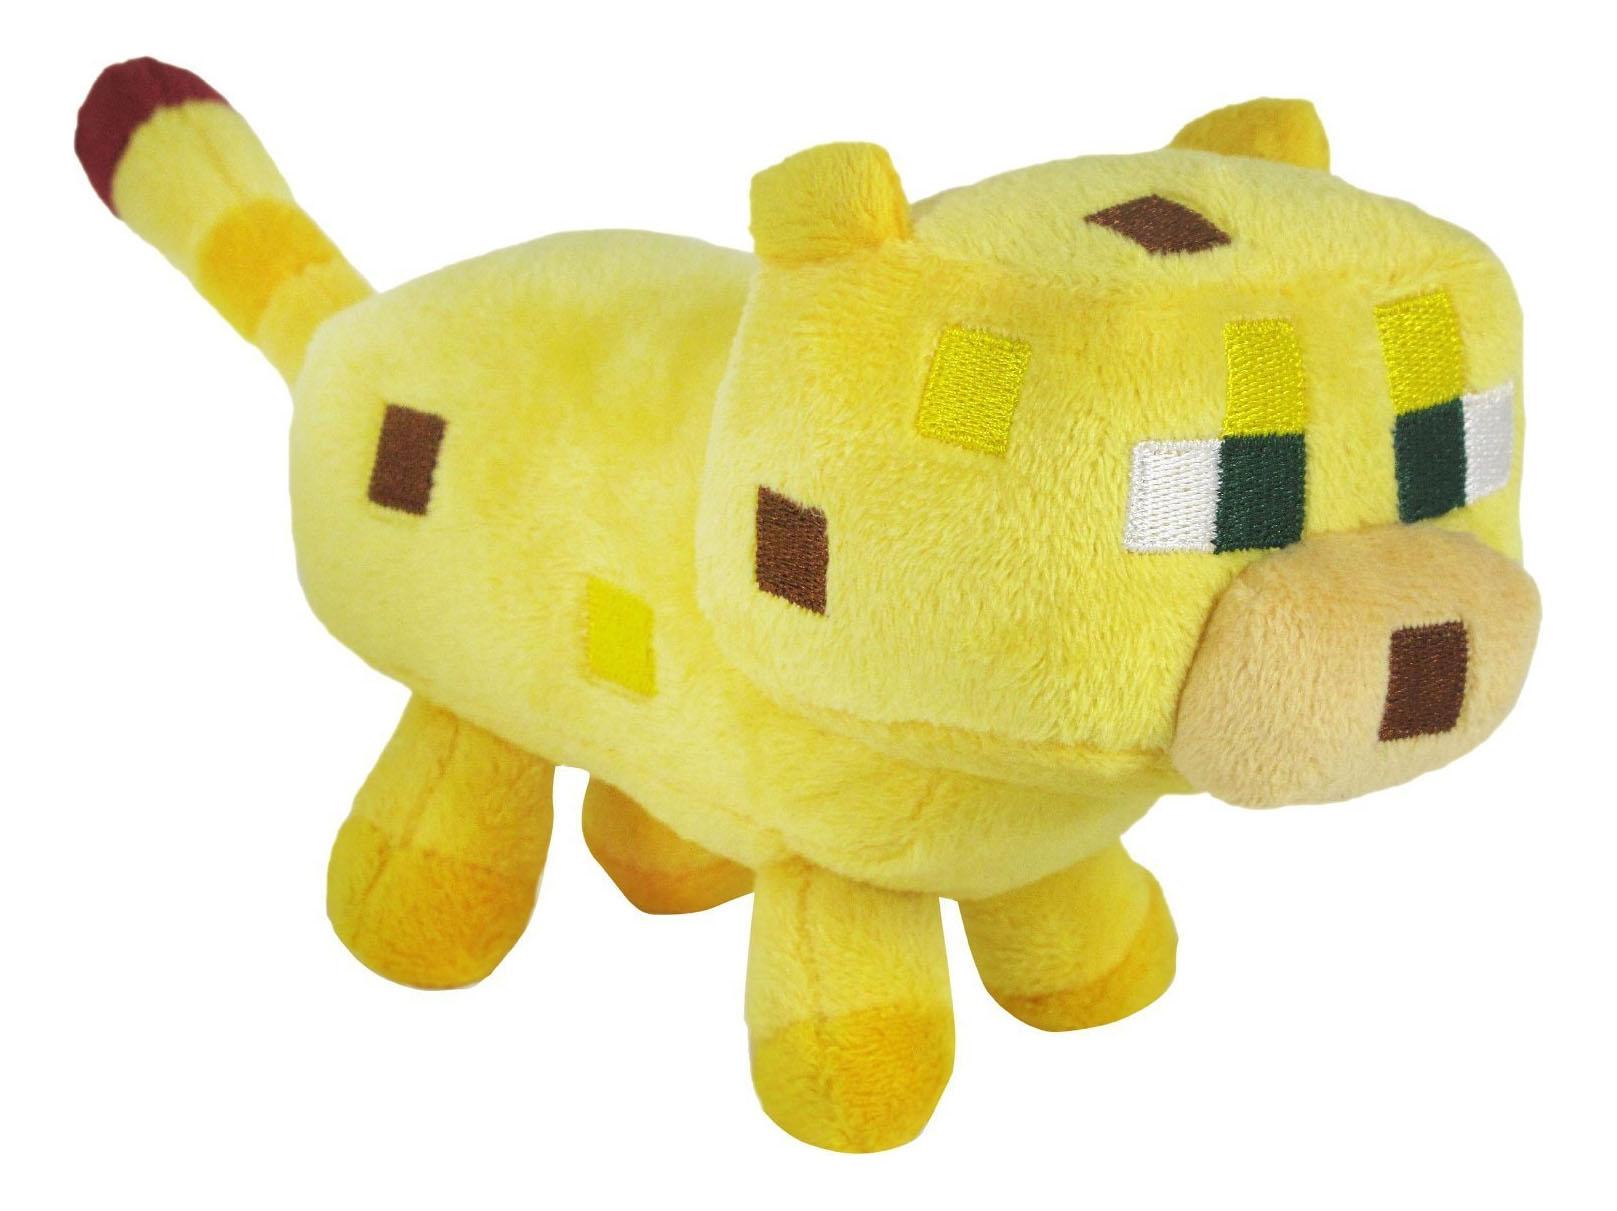 Купить Мягкая игрушка Jazwares из плюша Детеныш Оцелота Minecraft 18 см, Мягкие игрушки персонажи